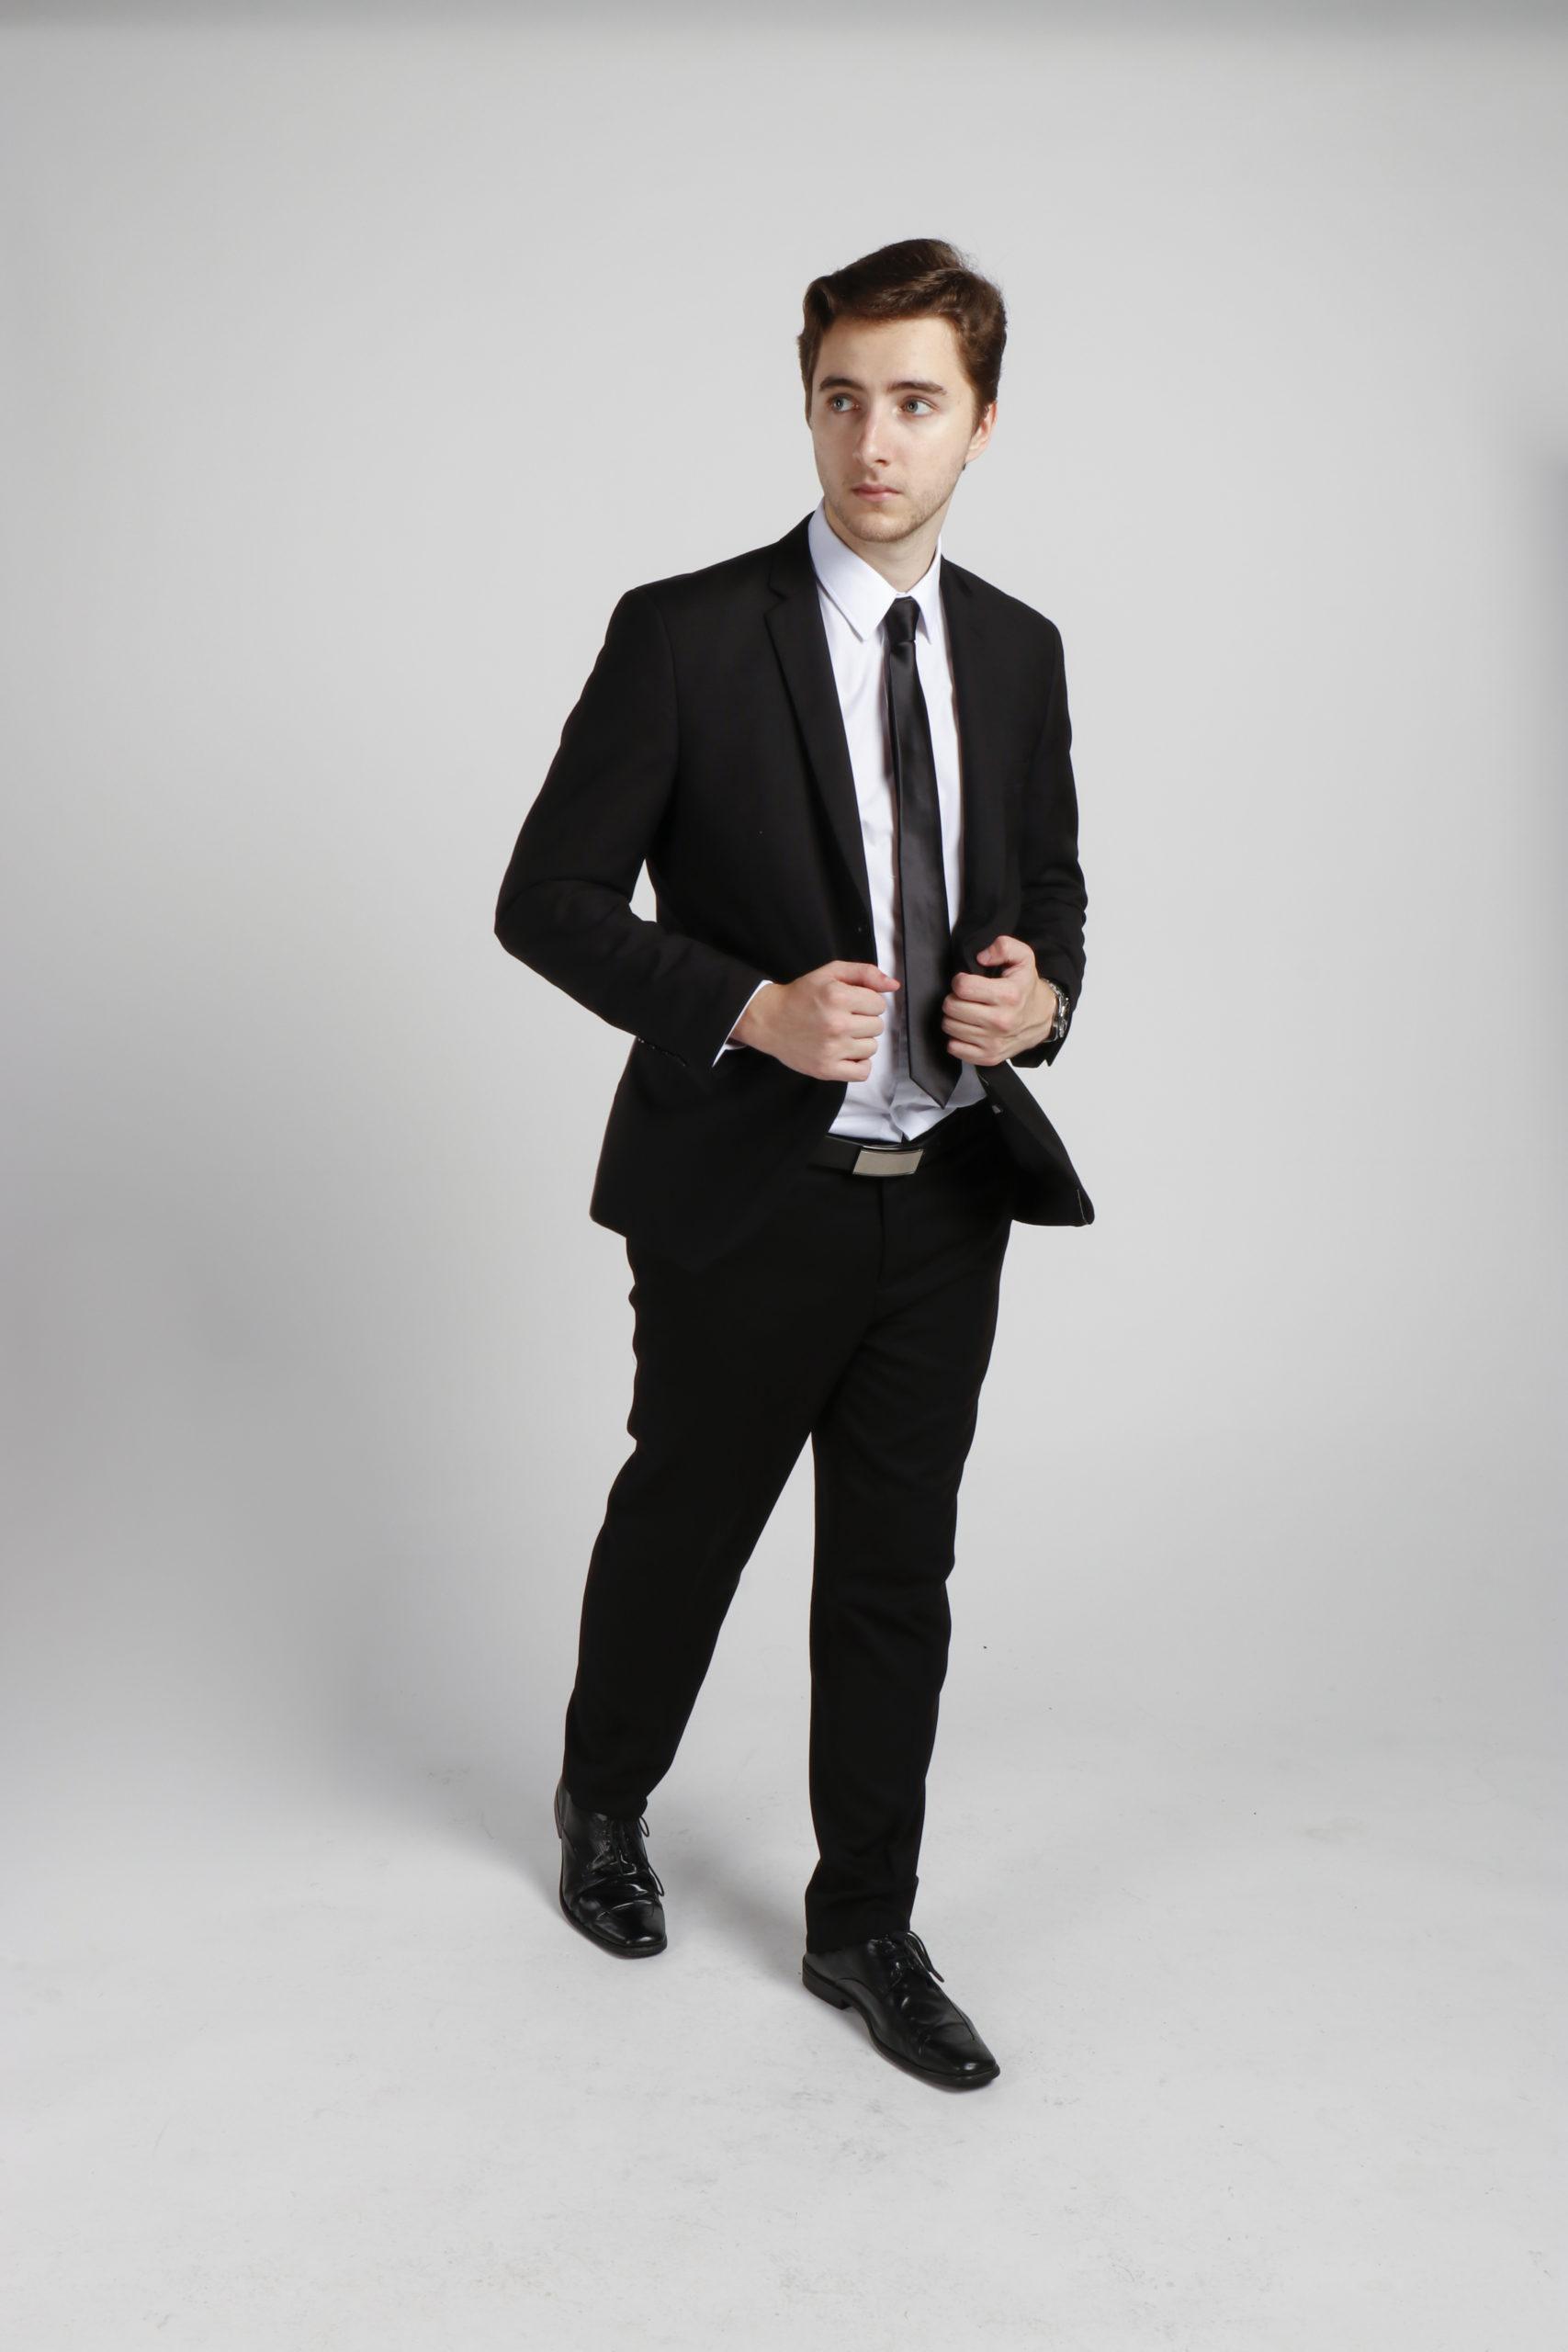 Black Suit Hire